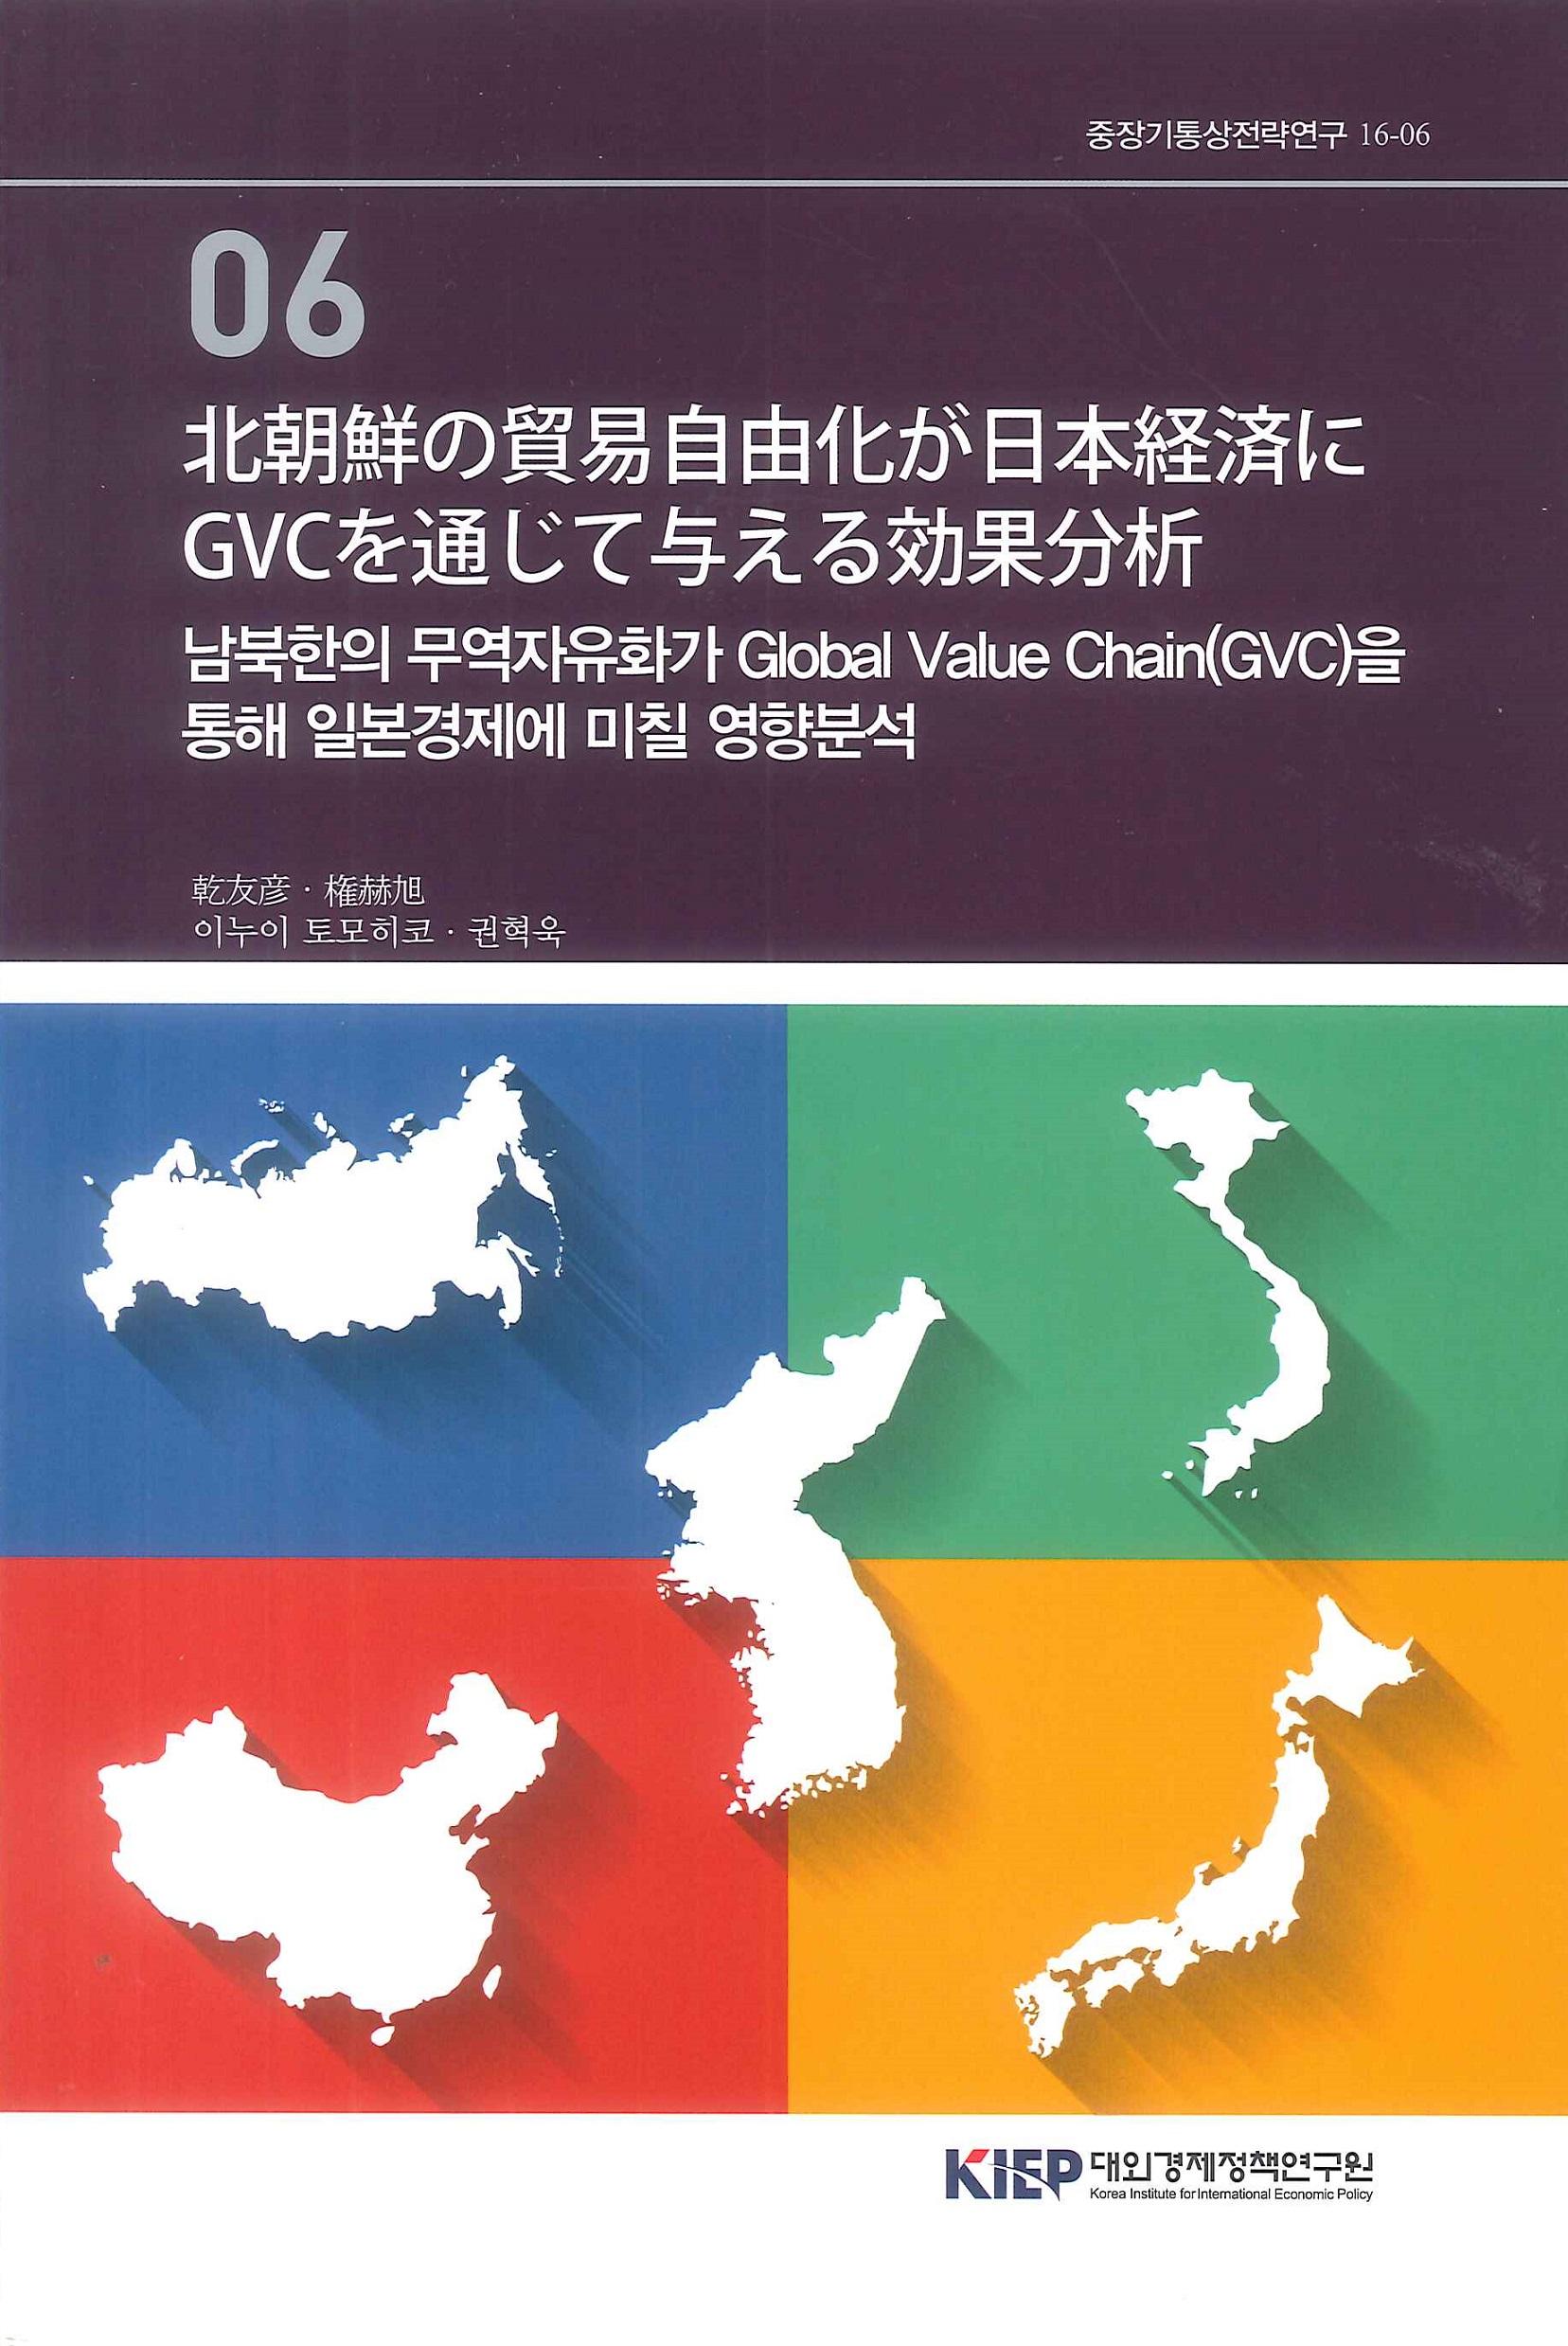 남북한의 무역자유화가 global value chain(GVC)을 통해 일본경제에 미칠 영향분석=北朝鮮の貿易自由化が日本経済にGVCを通じて与える効果分析